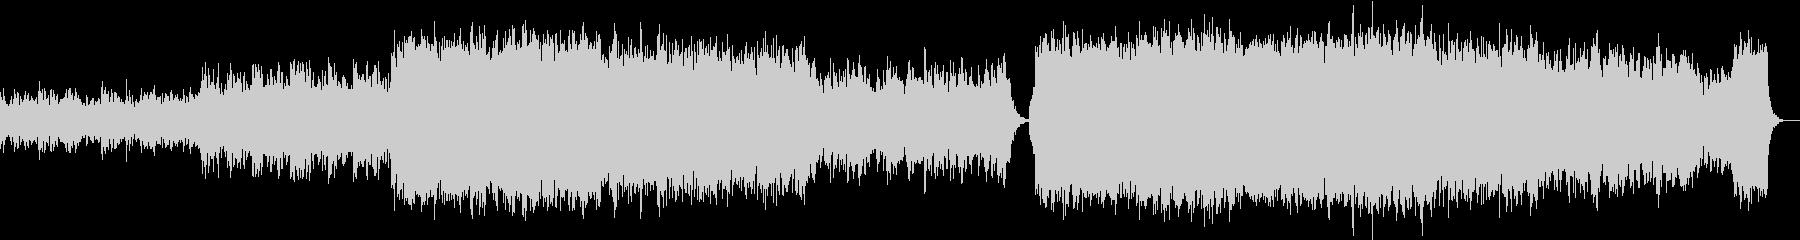 意外となかった?こだわりの本格和風音楽8の未再生の波形